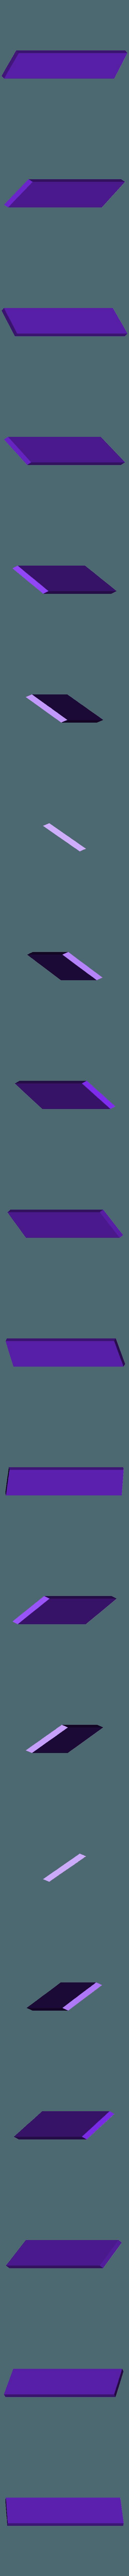 Vent_2.stl Télécharger fichier STL gratuit Mario + Lapins Crétins - Plumer's Helper Boomshot • Modèle pour impression 3D, Dsk